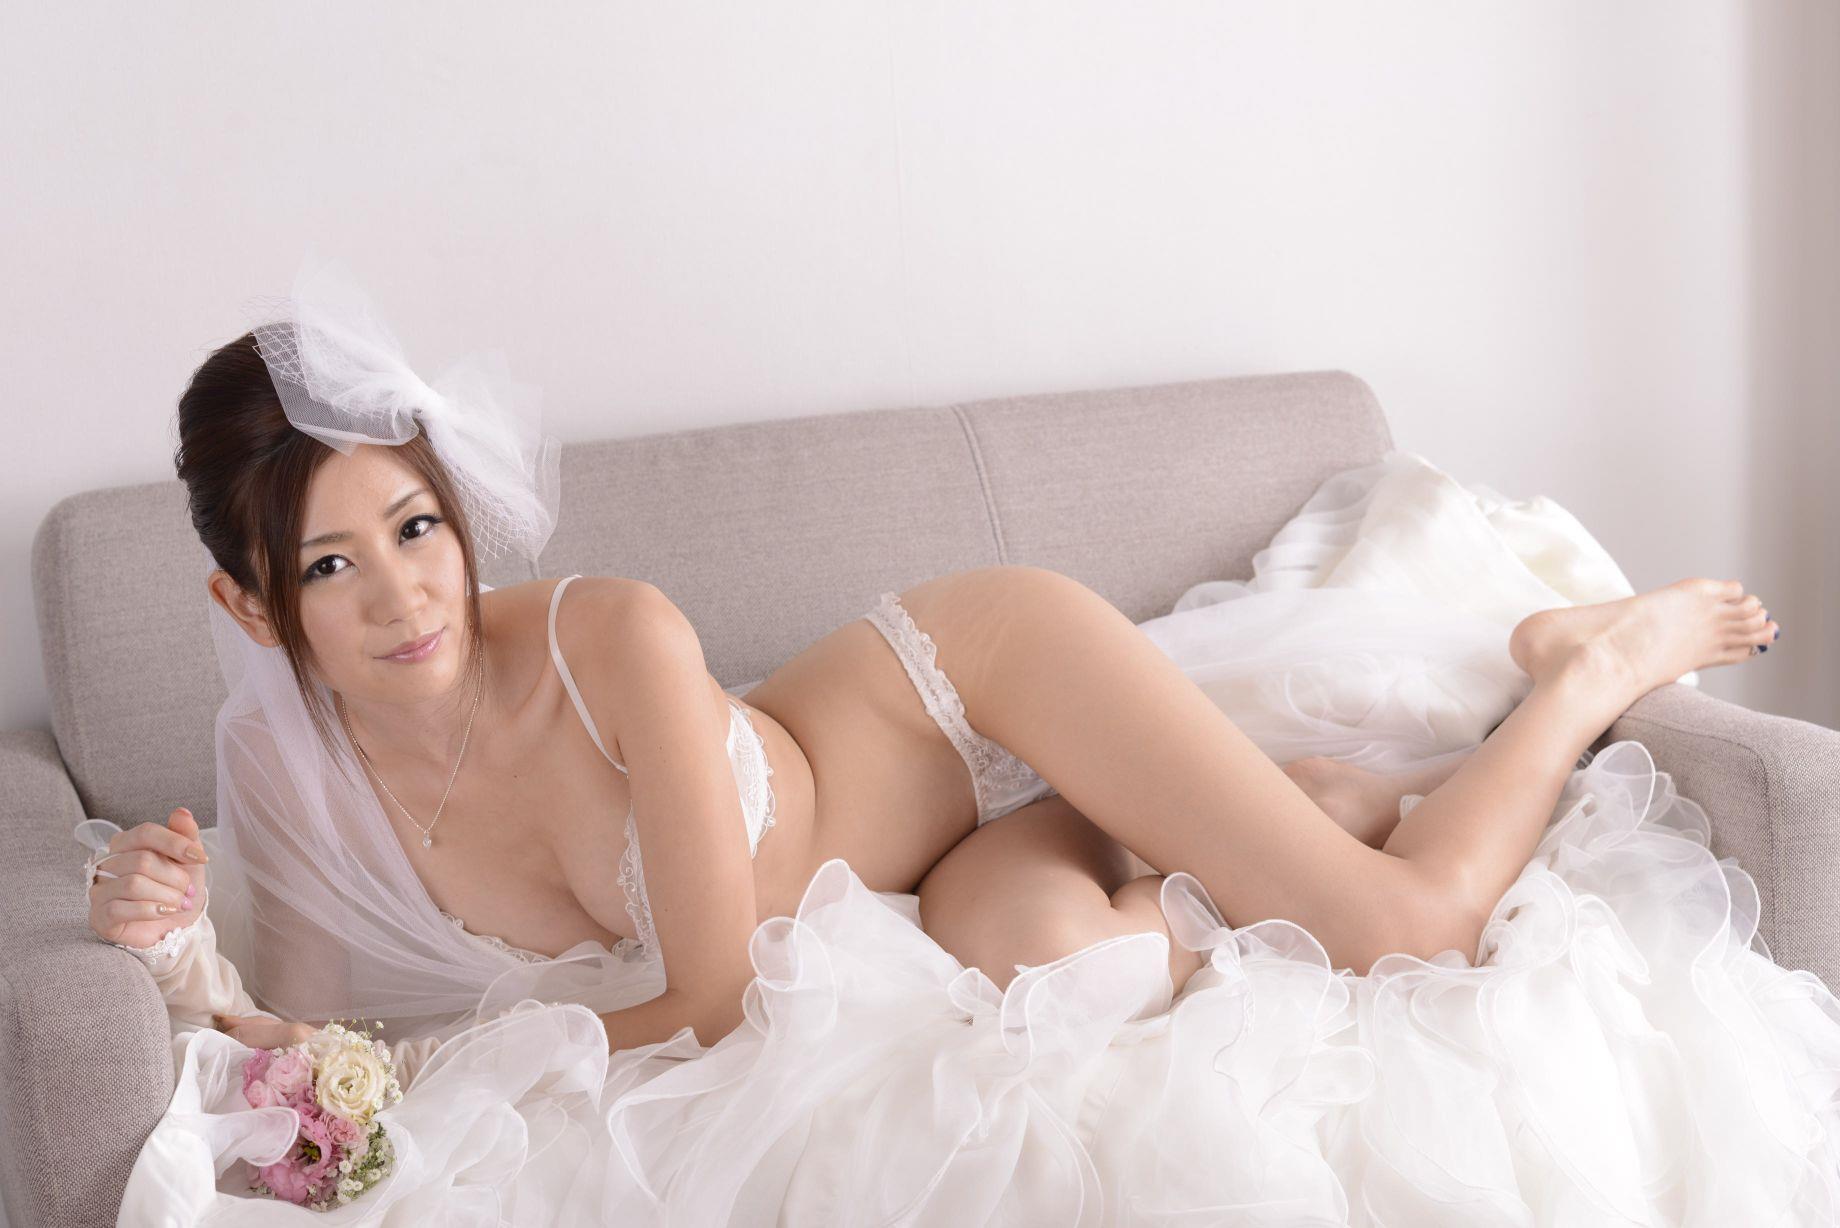 前田かおり ウェディングドレス画像 66